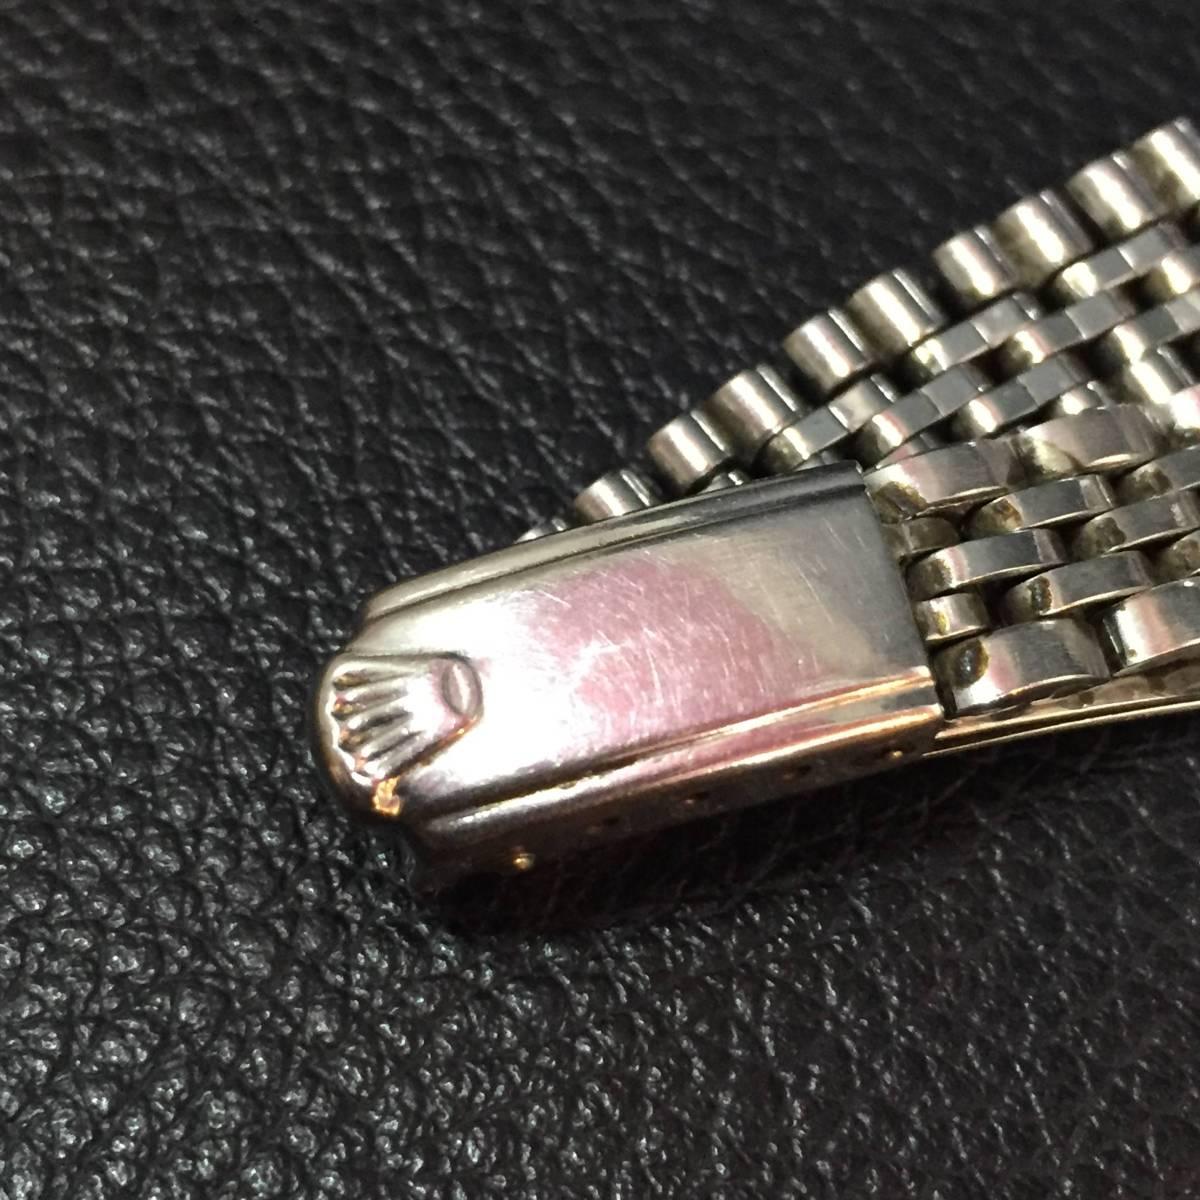 ※動作品 現状品 ROLEX ロレックス レディース デイトジャスト Ref.6924 手巻き腕時計 本体のみ【3002091548/B-2】_画像7